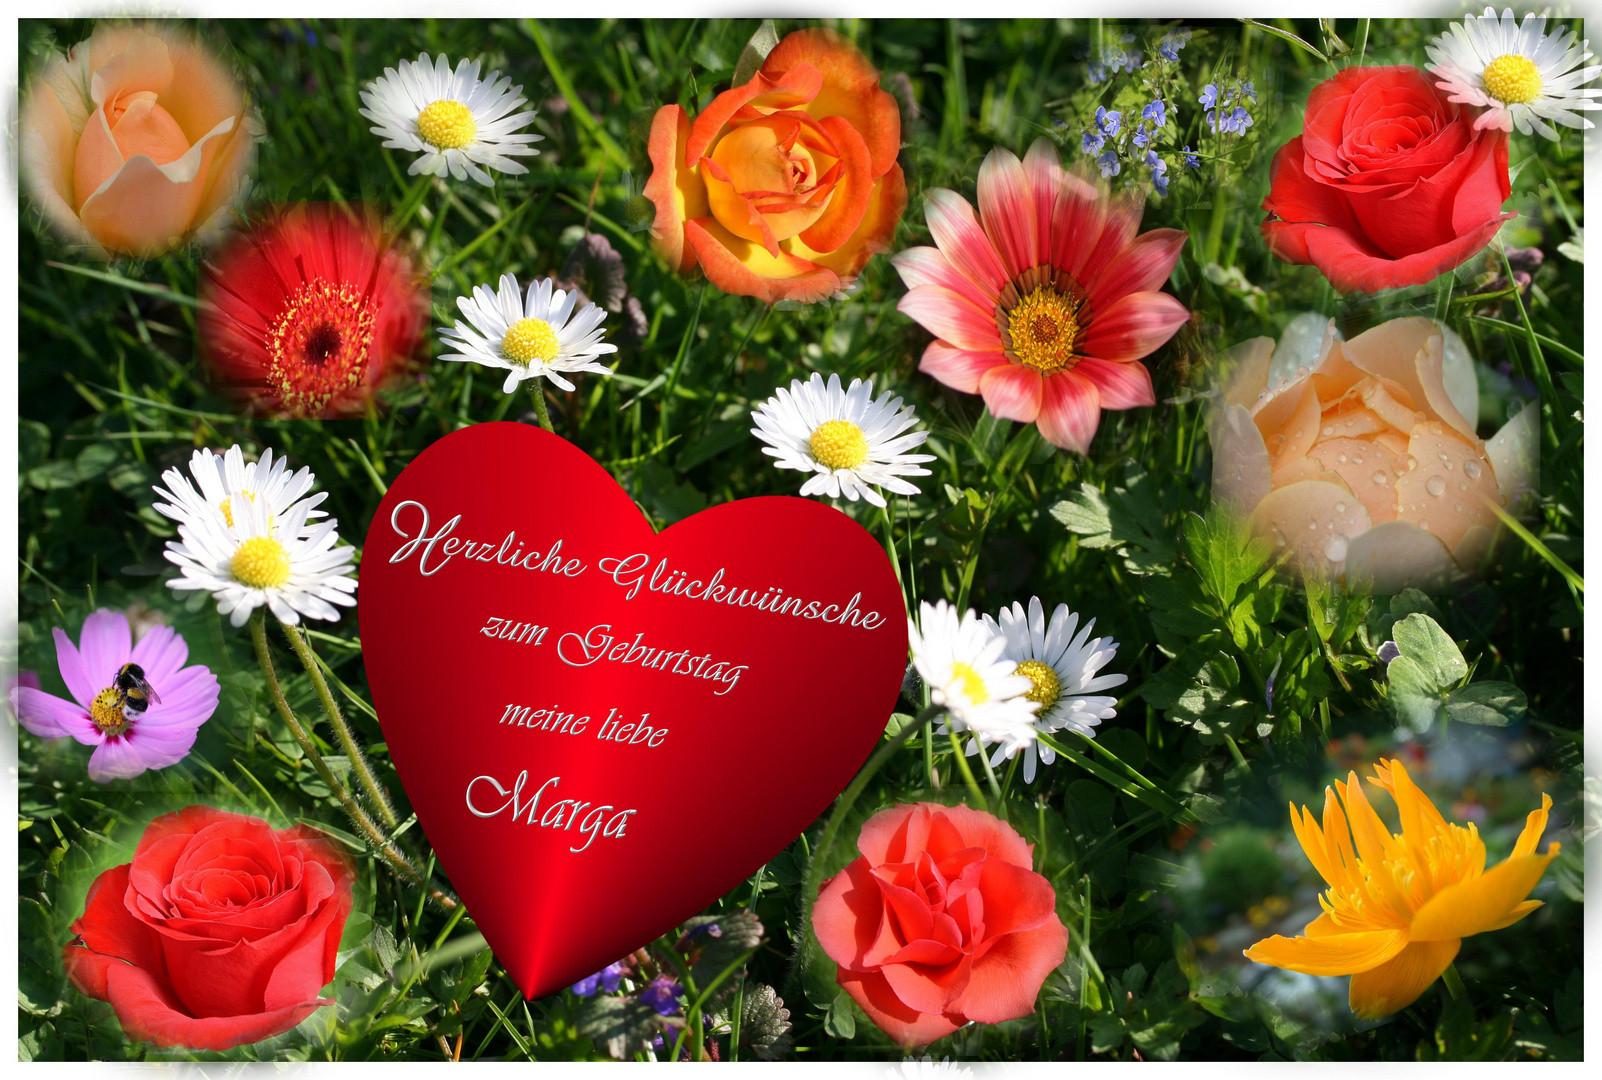 Geburtstagswünsche Bilder  Liebste Geburtstagswünsche Foto & Bild